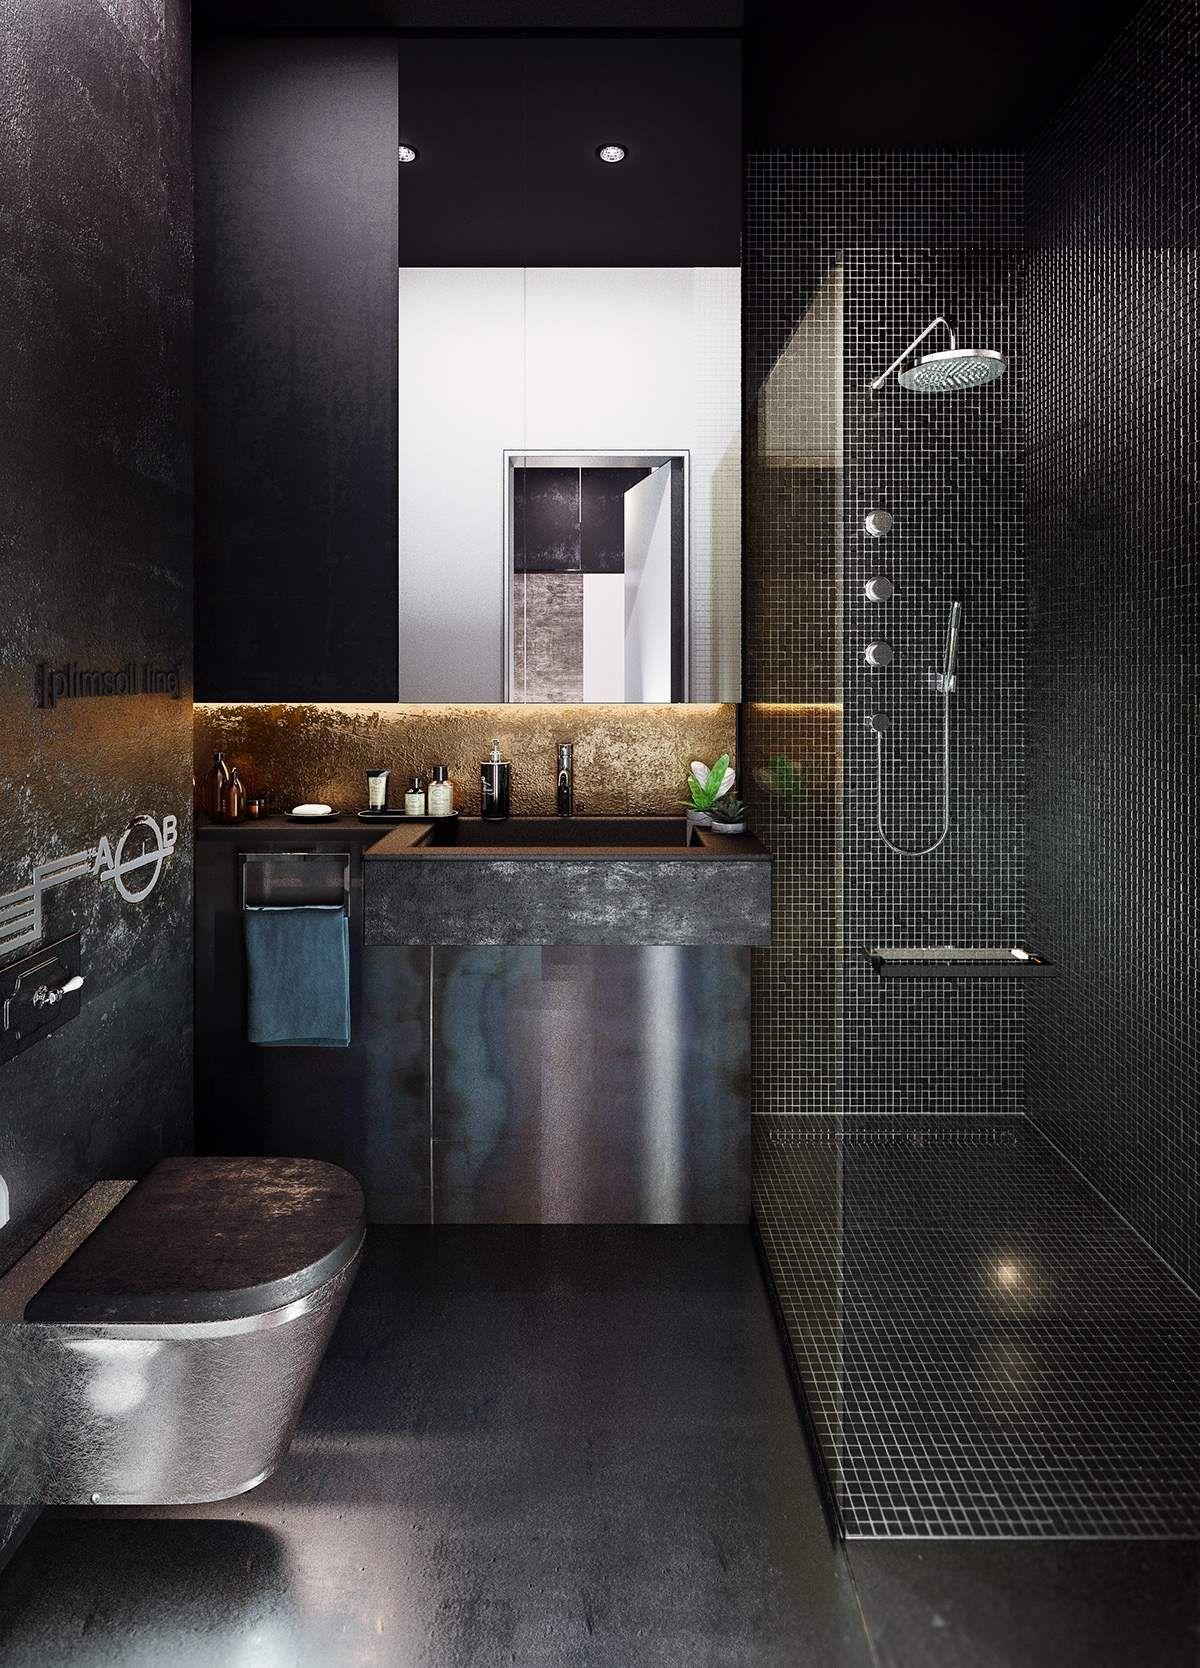 Industrial Style 3 Moderne Bachelor Wohnung Design Ideen Wohnung